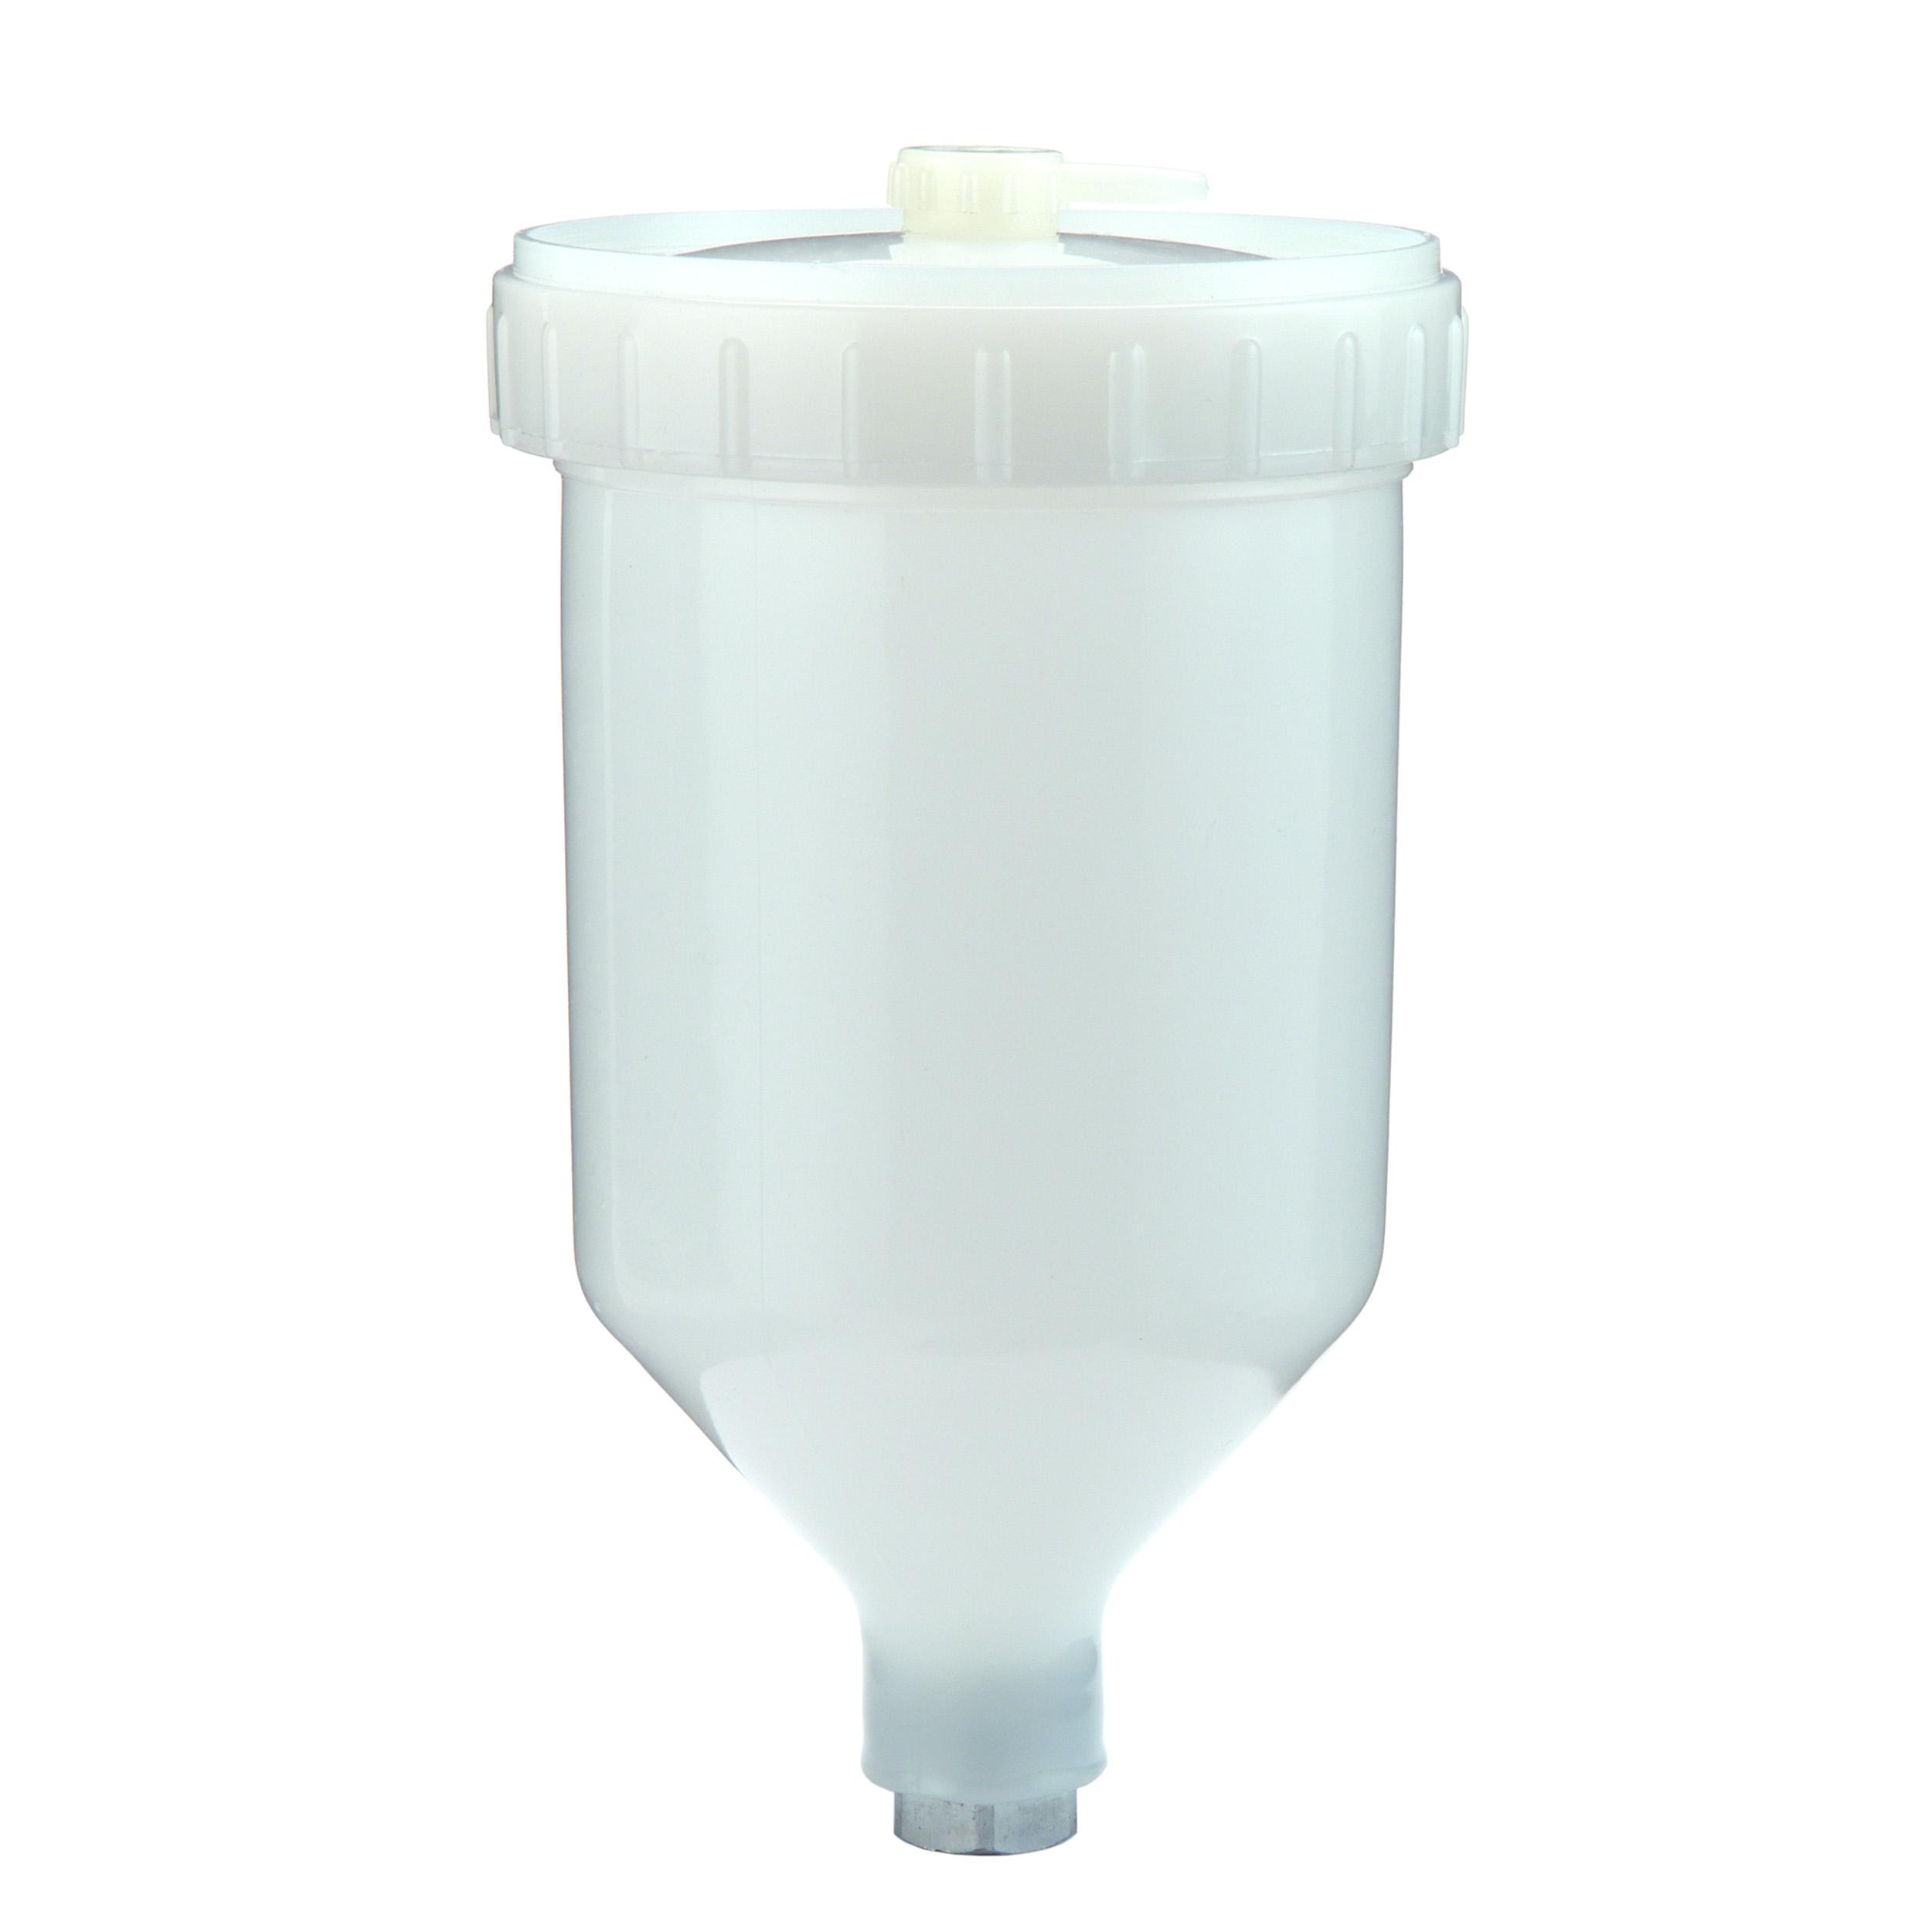 Pro HVLP 600cc Plastic Paint Cup